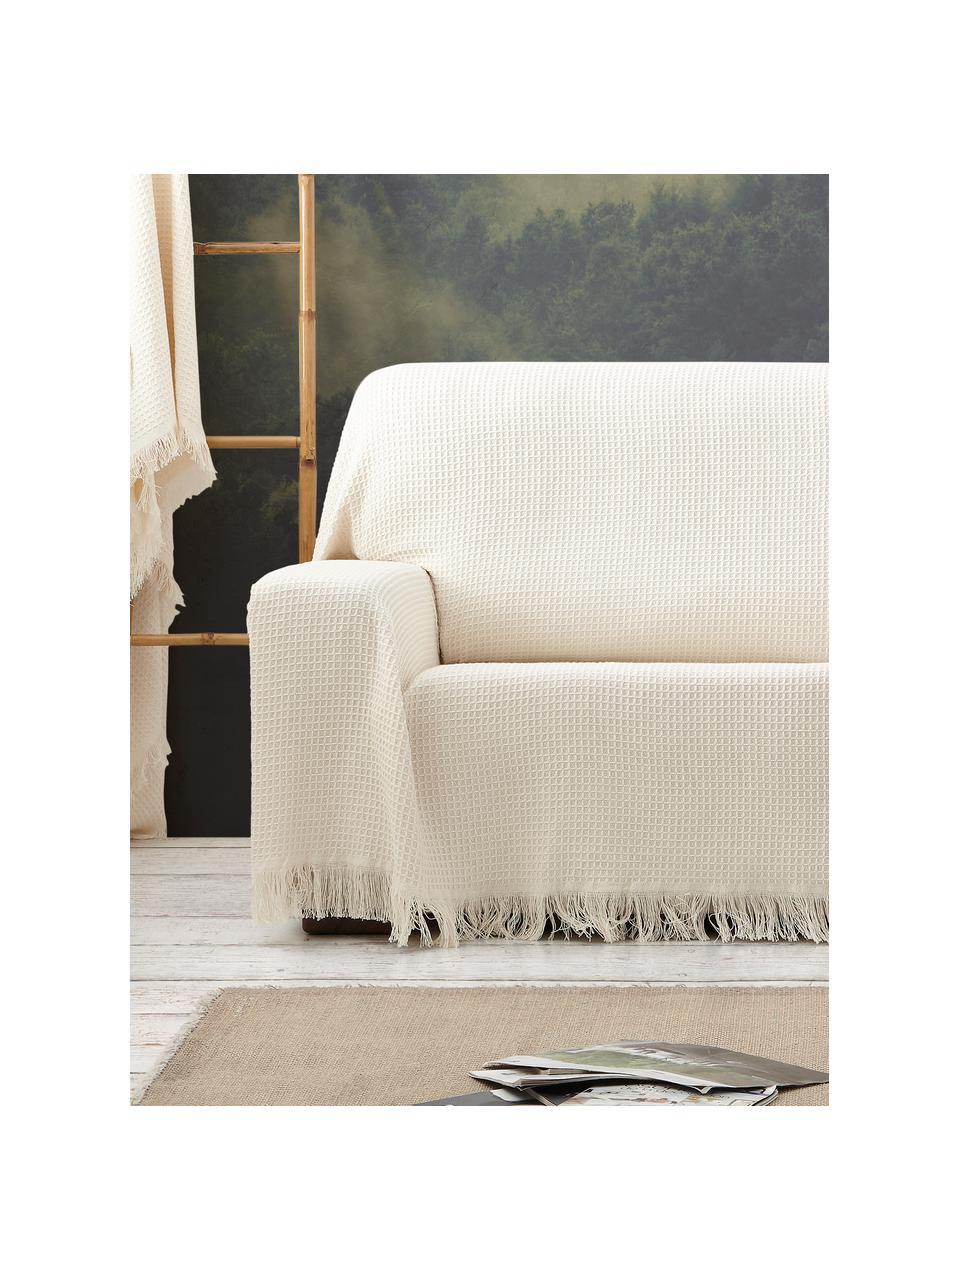 Copridivano multifunzionale Amazonas, 80% cotone, 20% altre fibre, Color crema, Larg. 180 x Lung. 260 cm